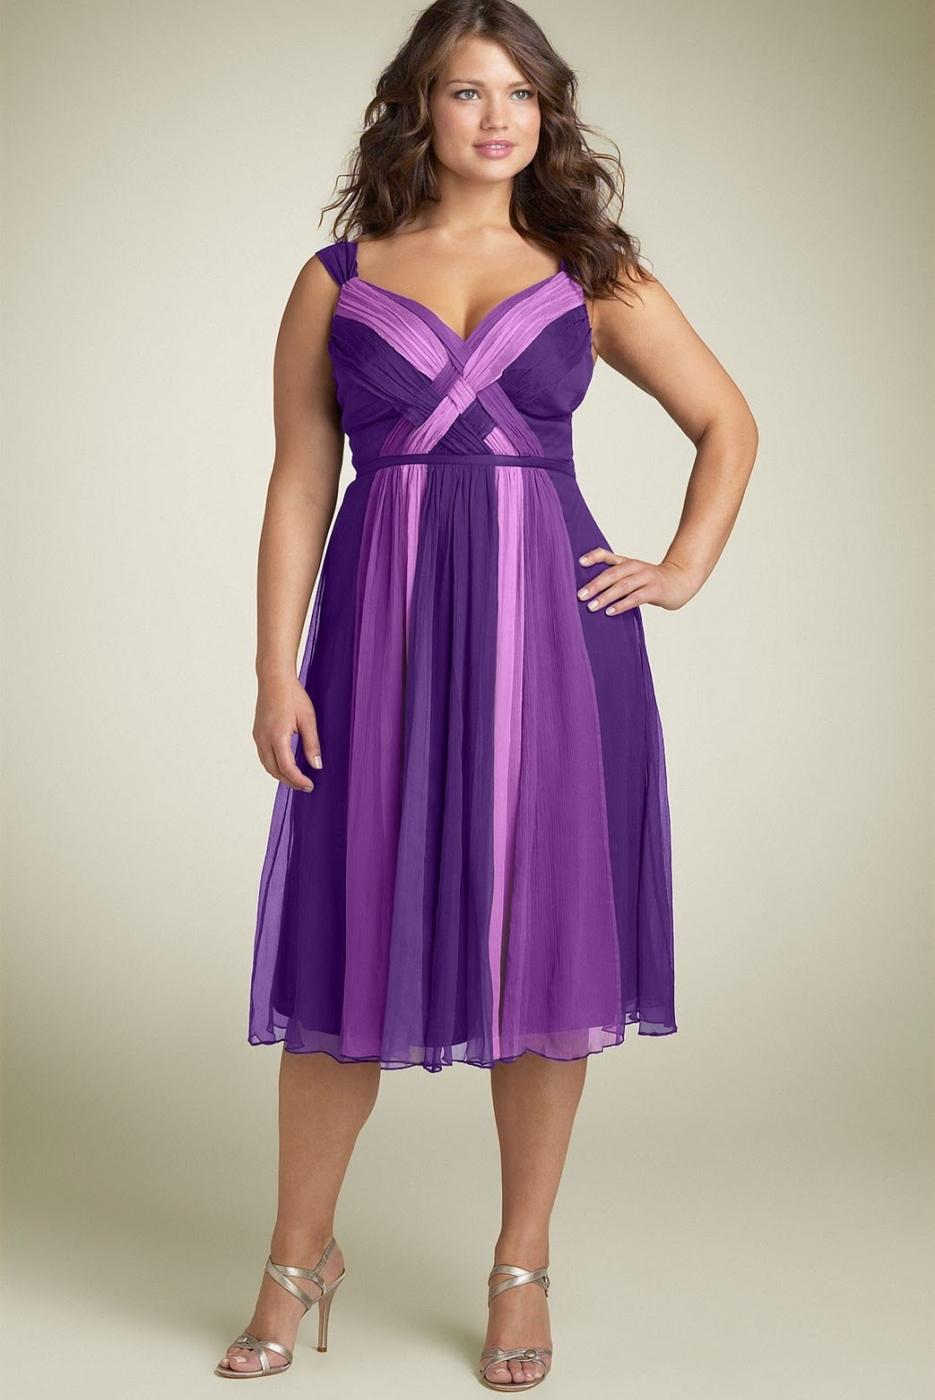 aff28e54d65c Вечерние платья для полных женщин на свадьбу